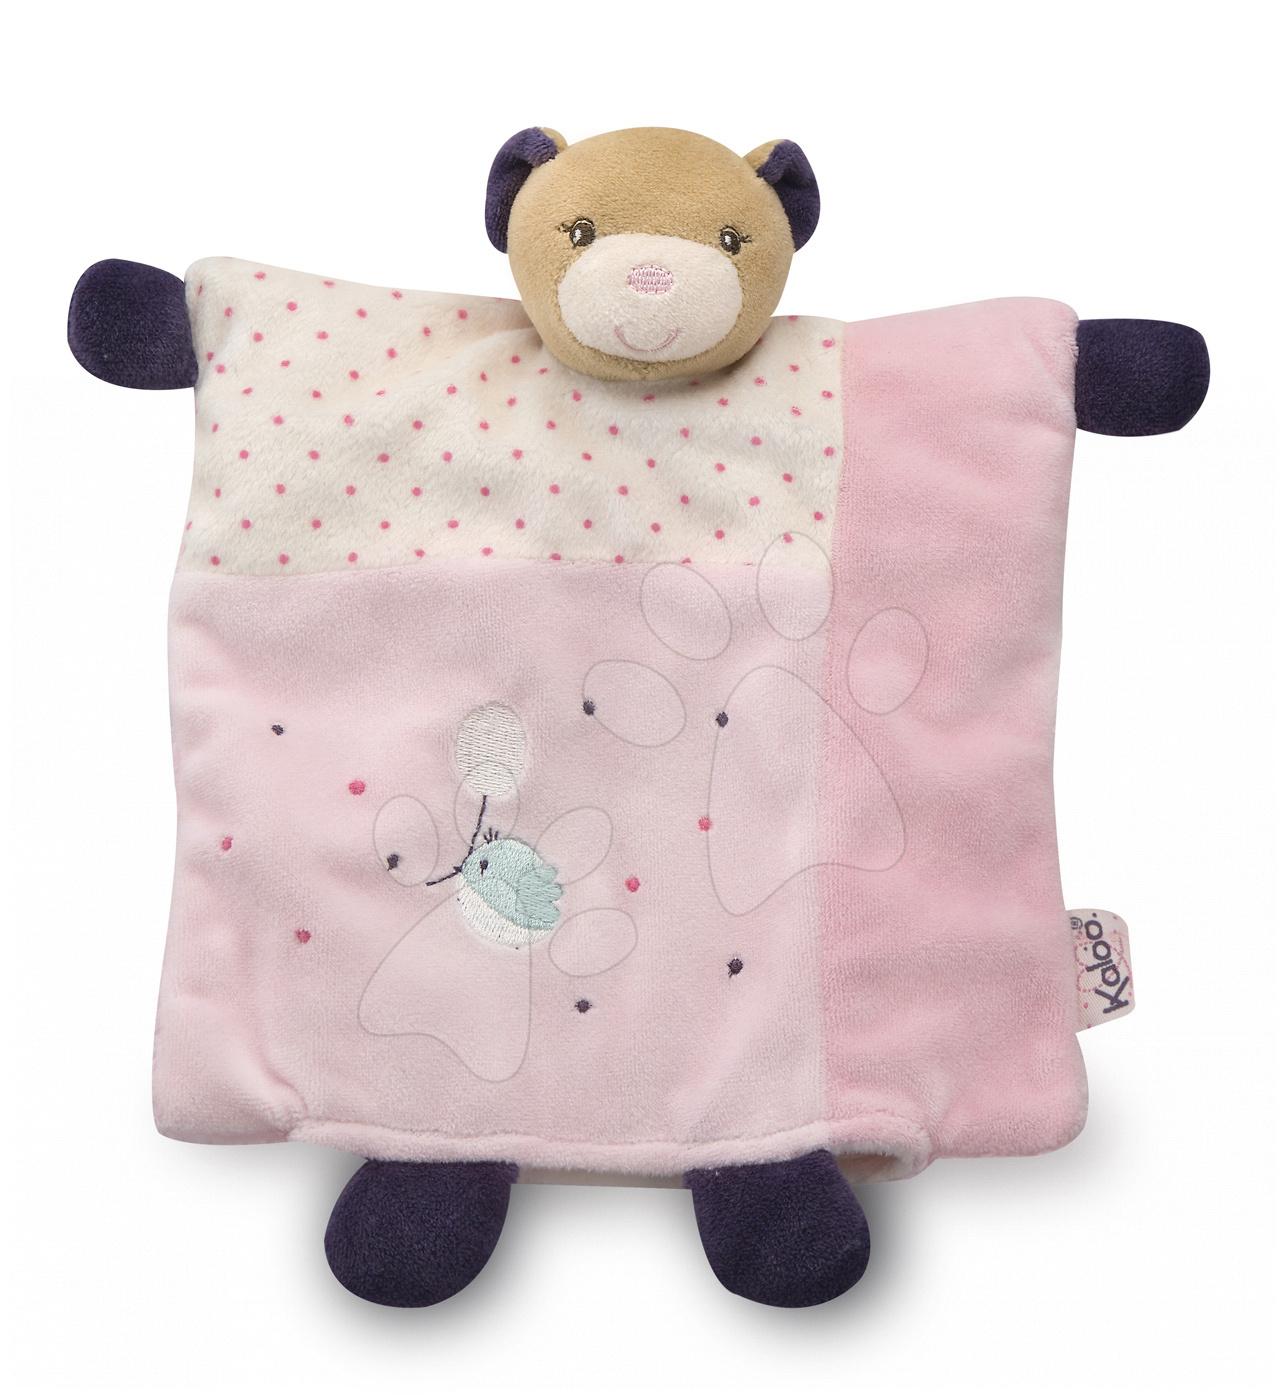 Hračky na maznanie a usínanie - Plyšový medvedík bábkové divadlo Petite Rose-Doudou Pretty Bear Kaloo s hryzátkom 20 cm v darčekovom balení pre najmenších